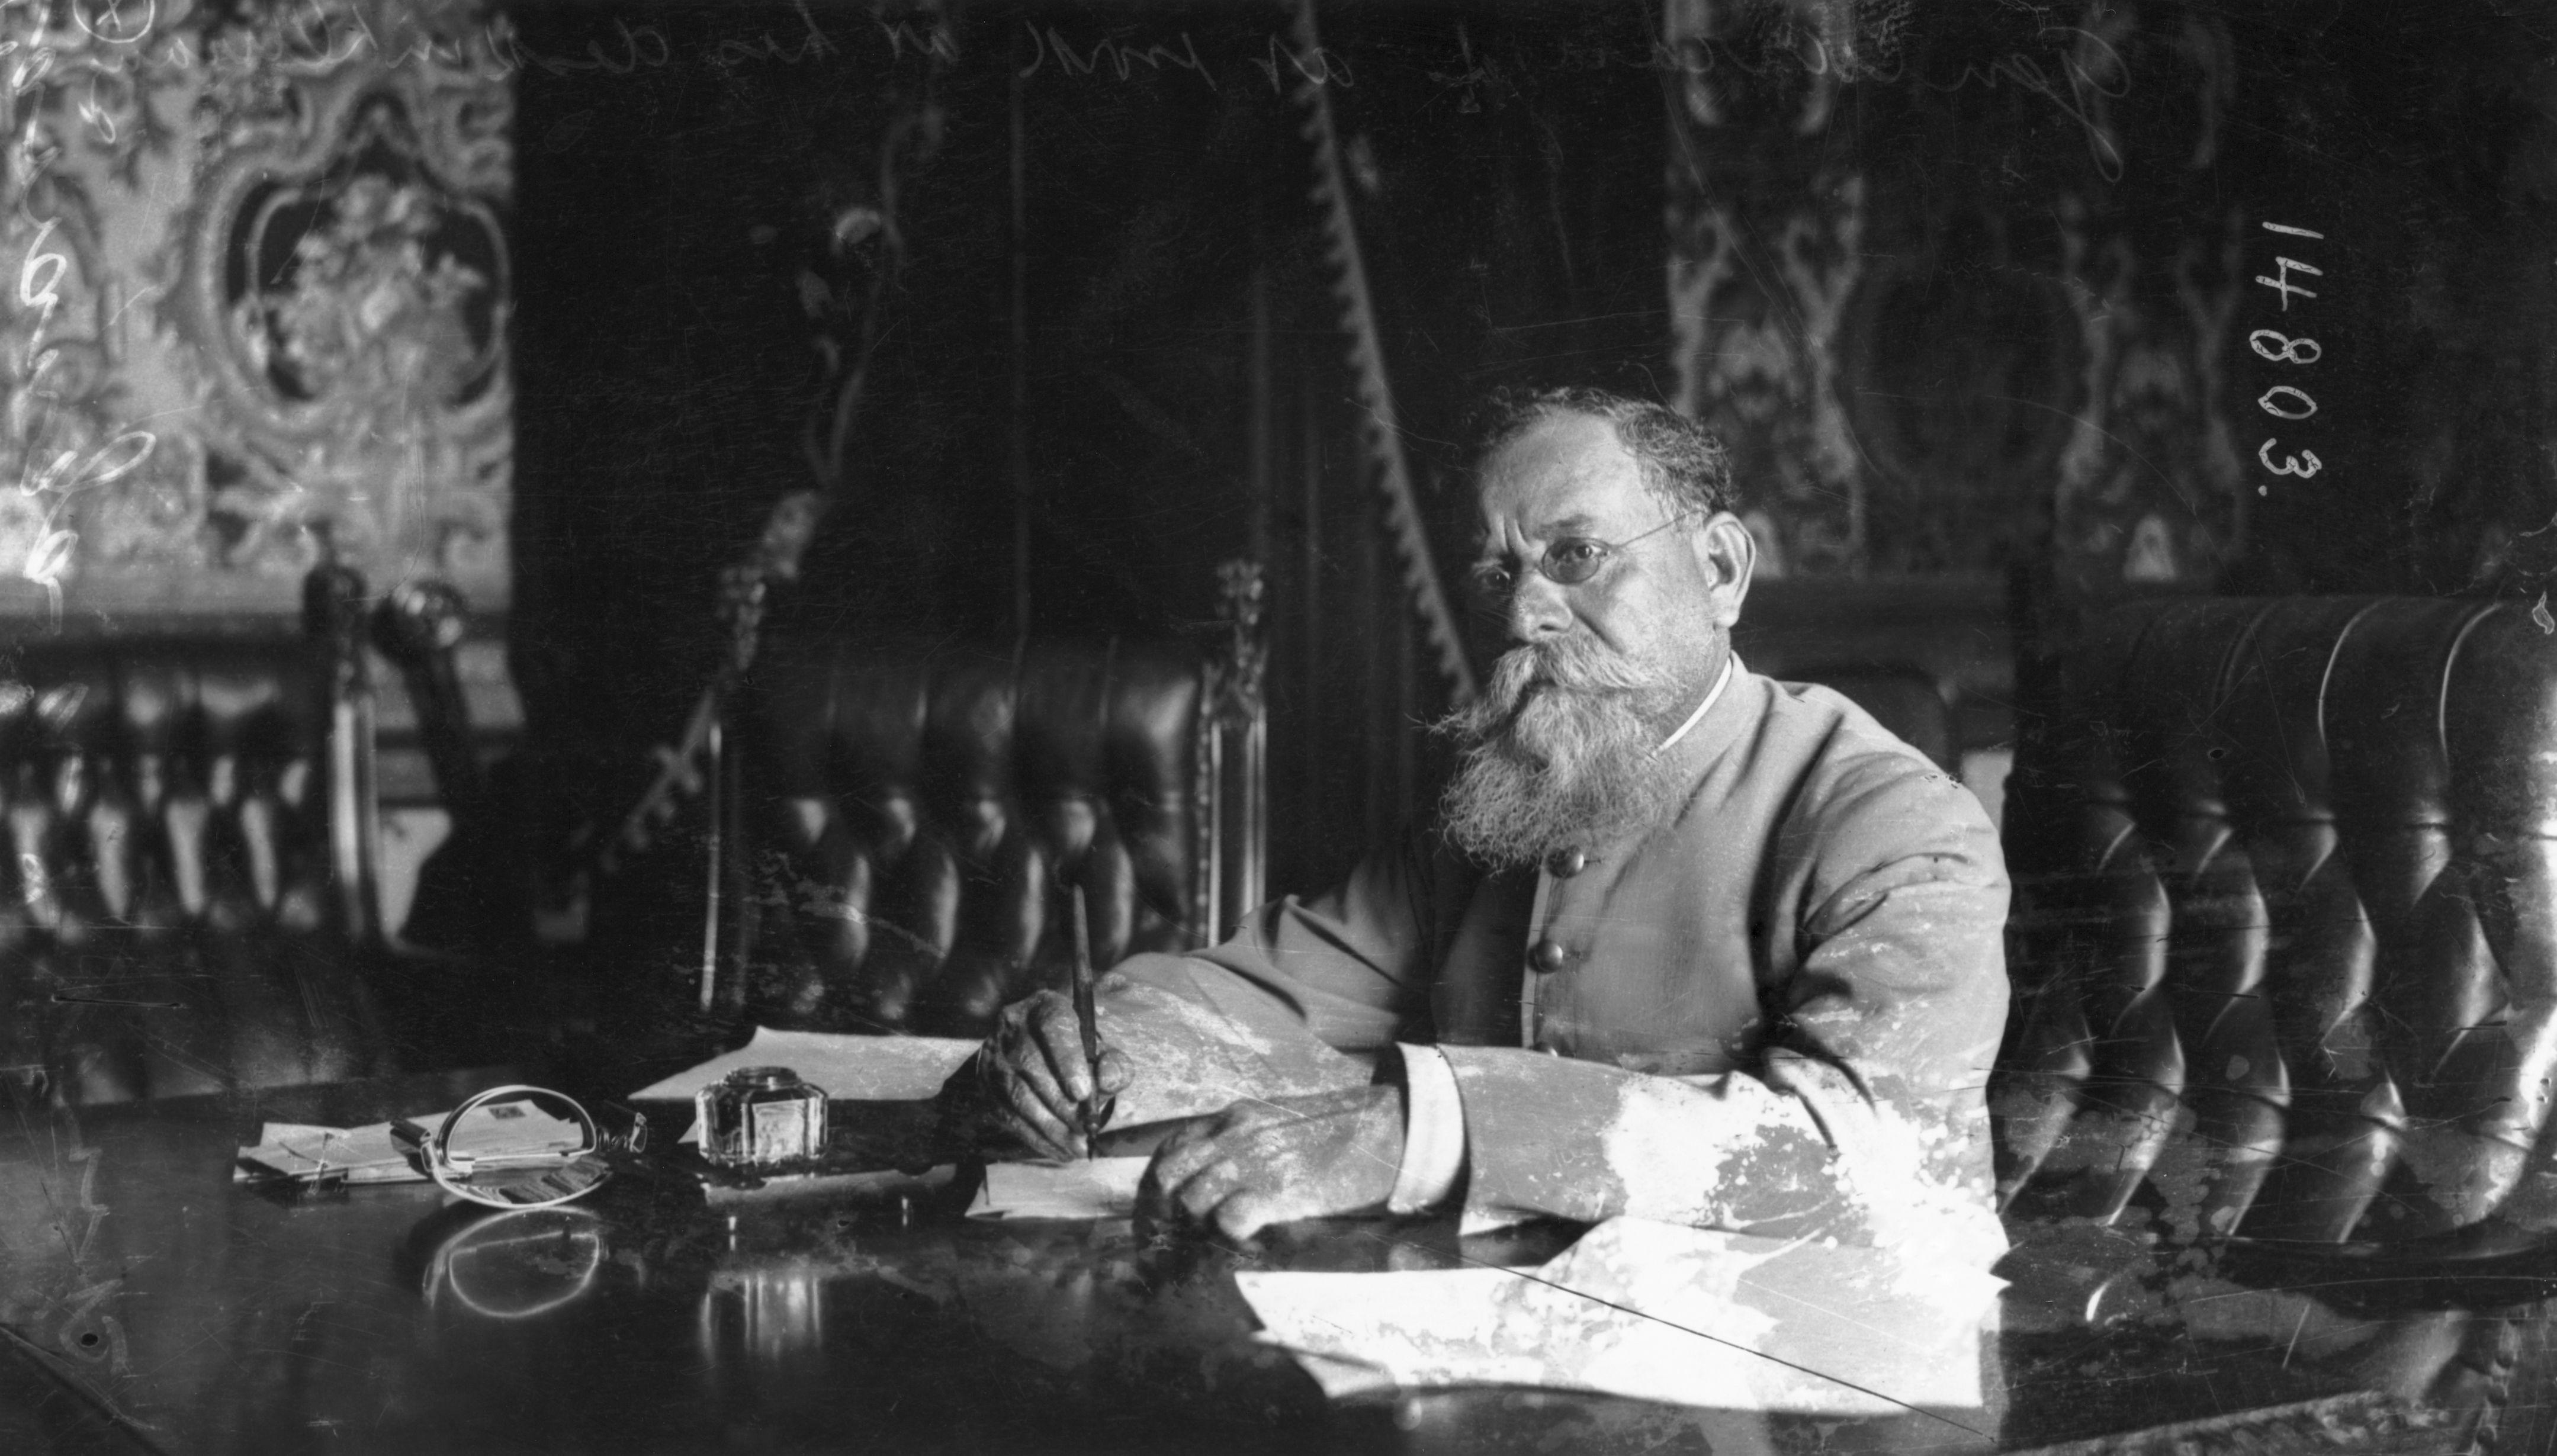 Ο στρατηγός Carranza στο γραφείο του